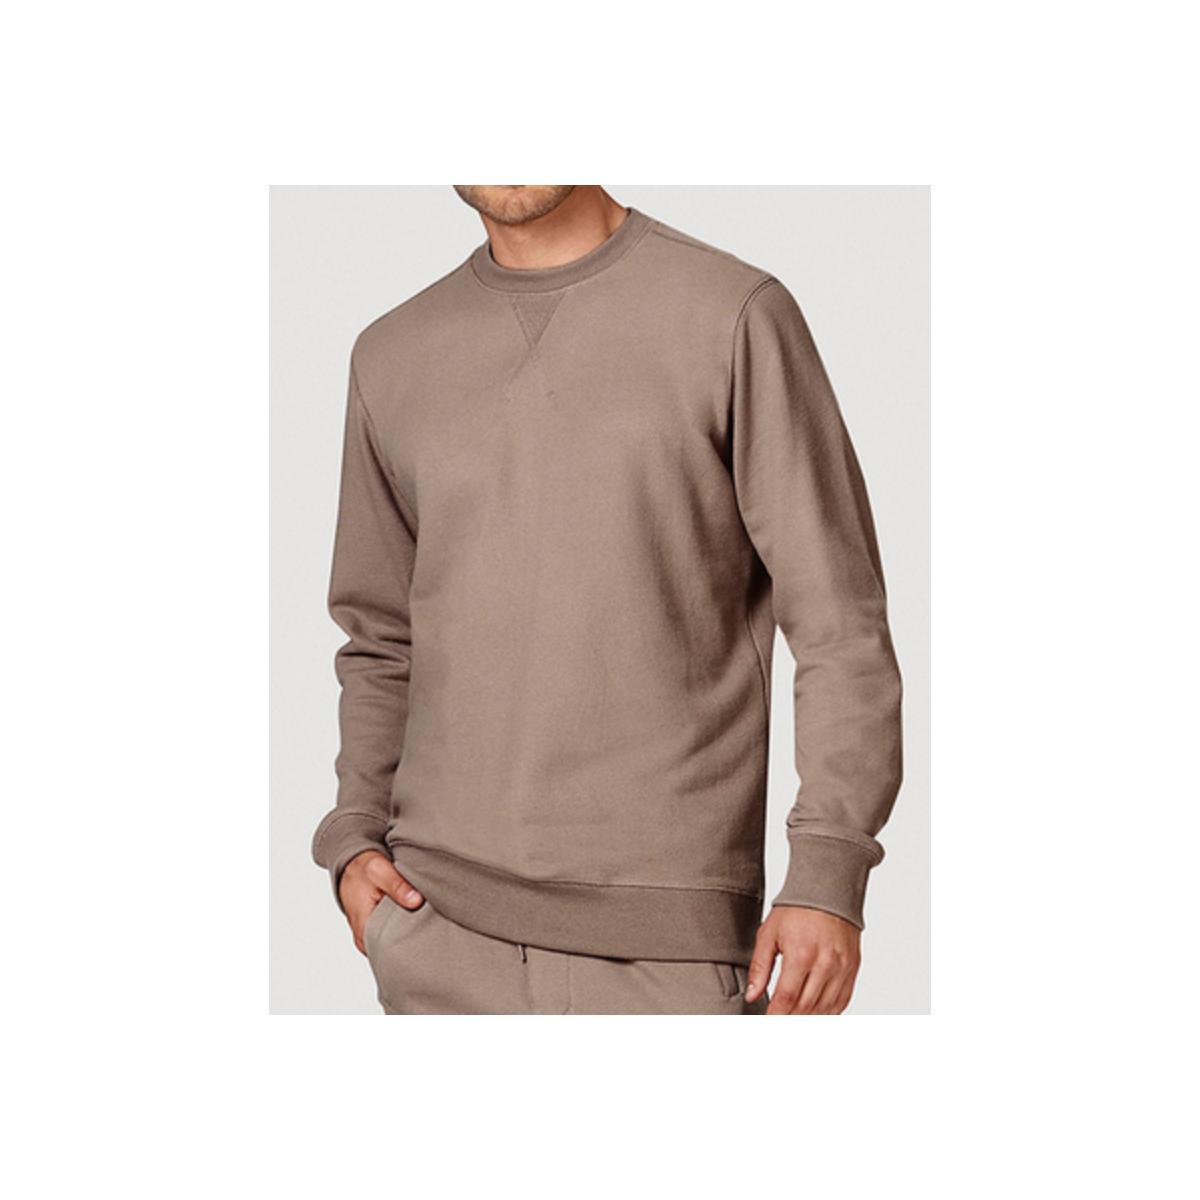 Blusão Masculino Hering 060w Whleen Bege